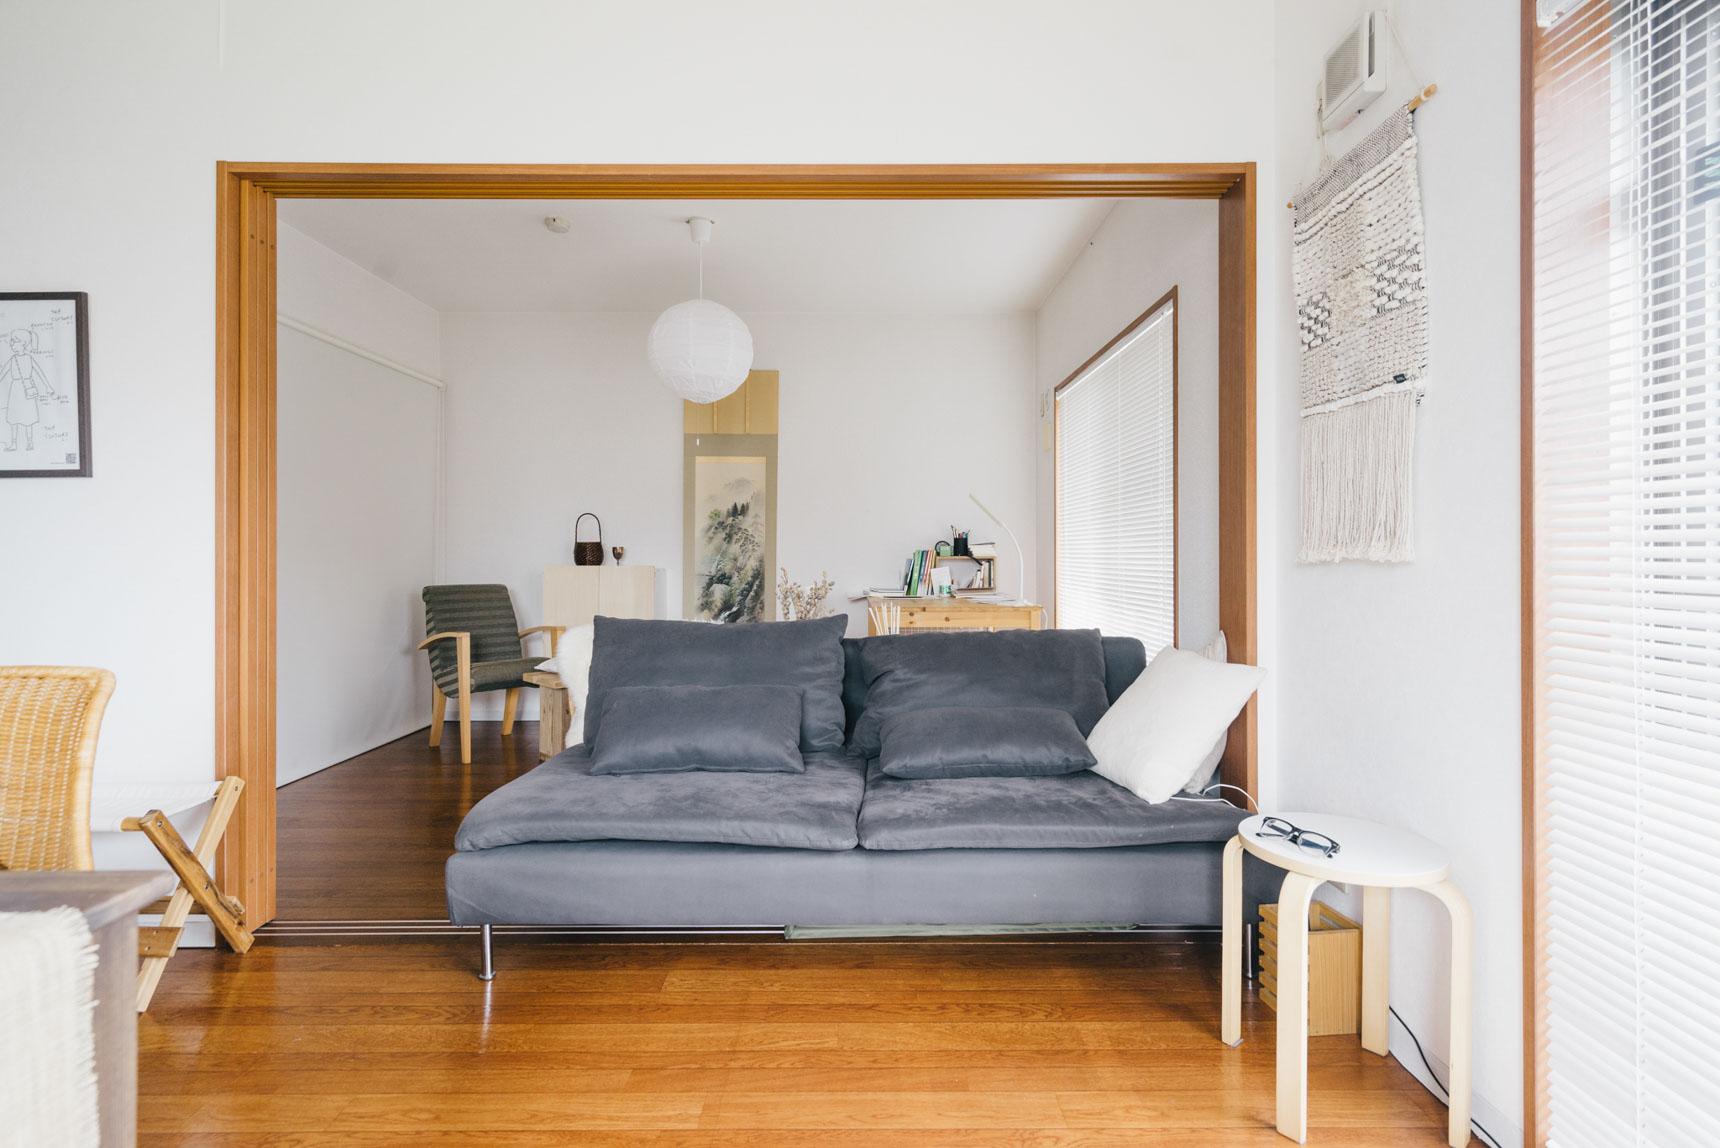 ソファの隣において、本やコーヒー、メガネなどを置くスペースに。